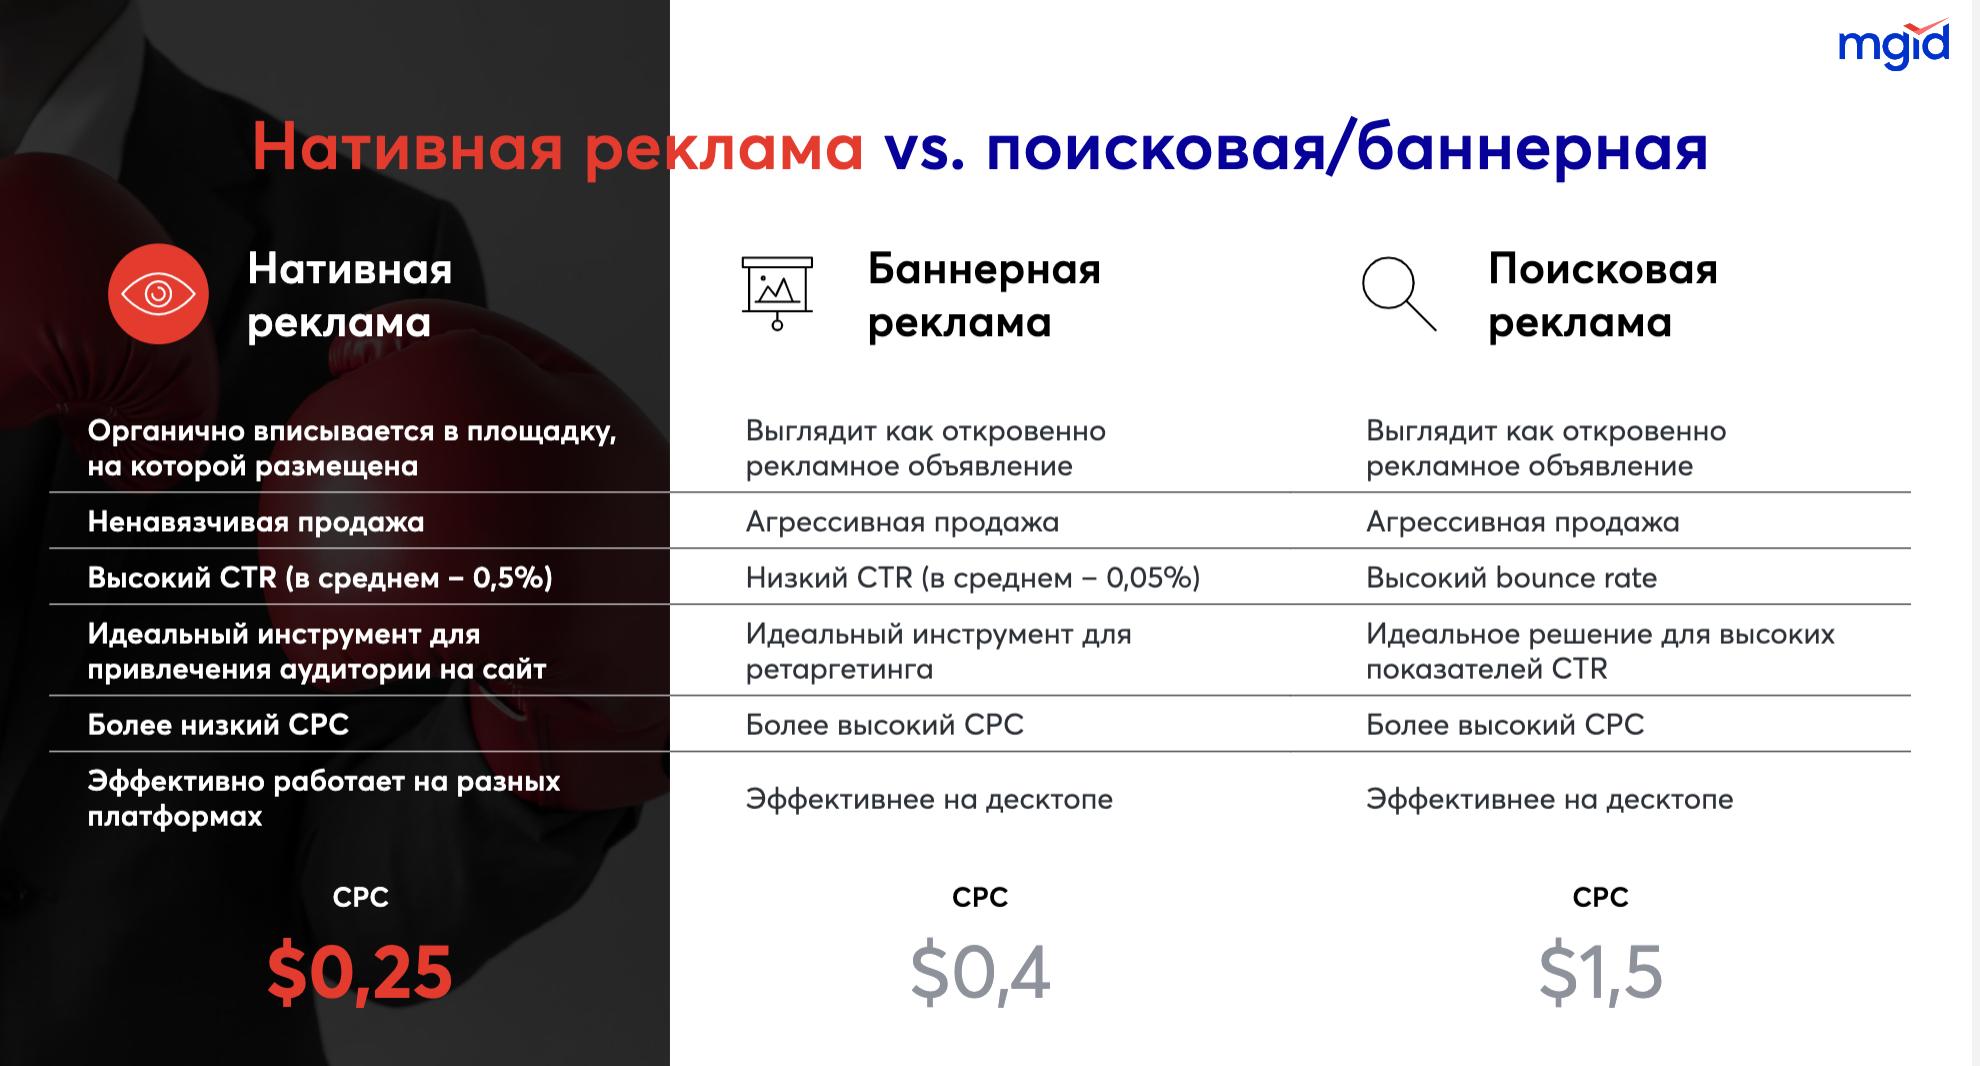 график.png (727 KB)